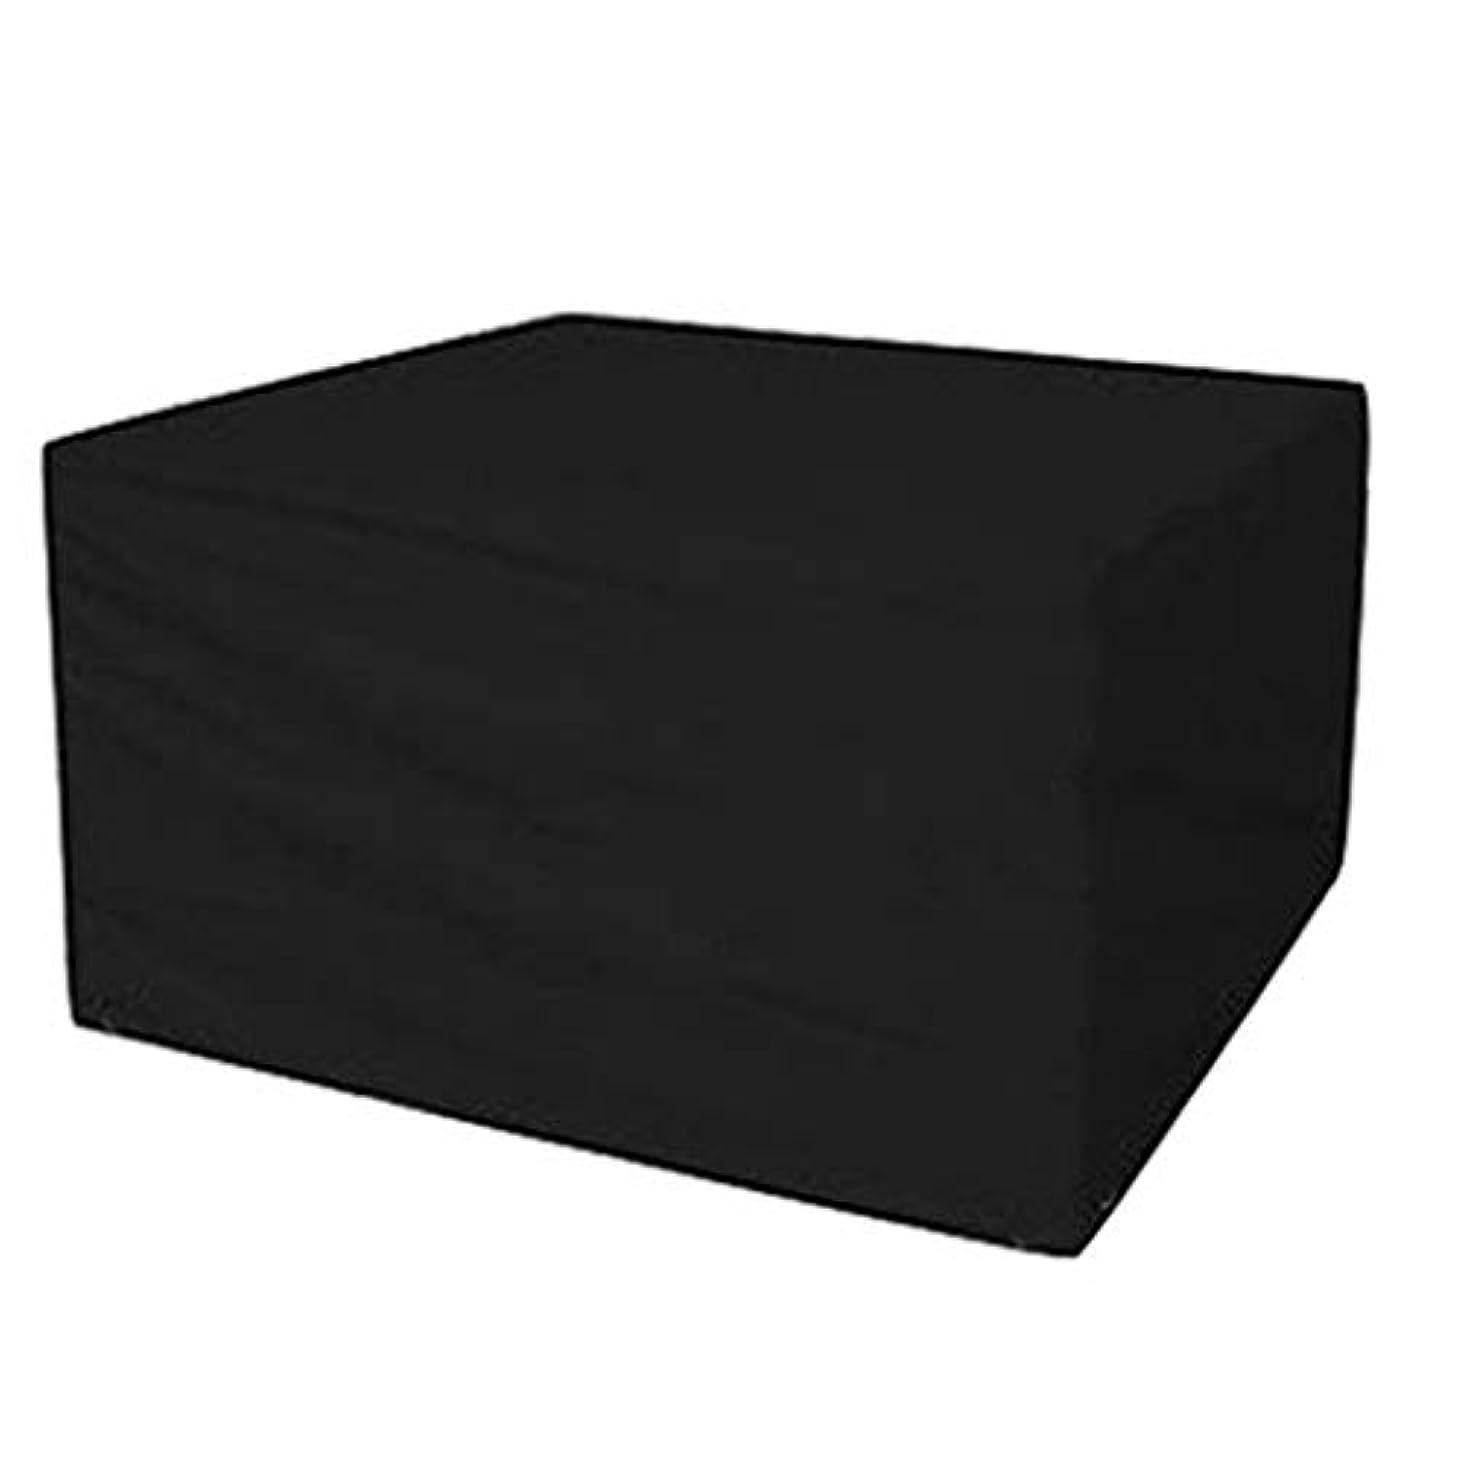 ブロック鮫武器Jcy 屋外パティオダストカバー、ガーデン家具カバーガーデン防塵防水テーブルカバー (色 : Black, Size : 250x250x90 cm)